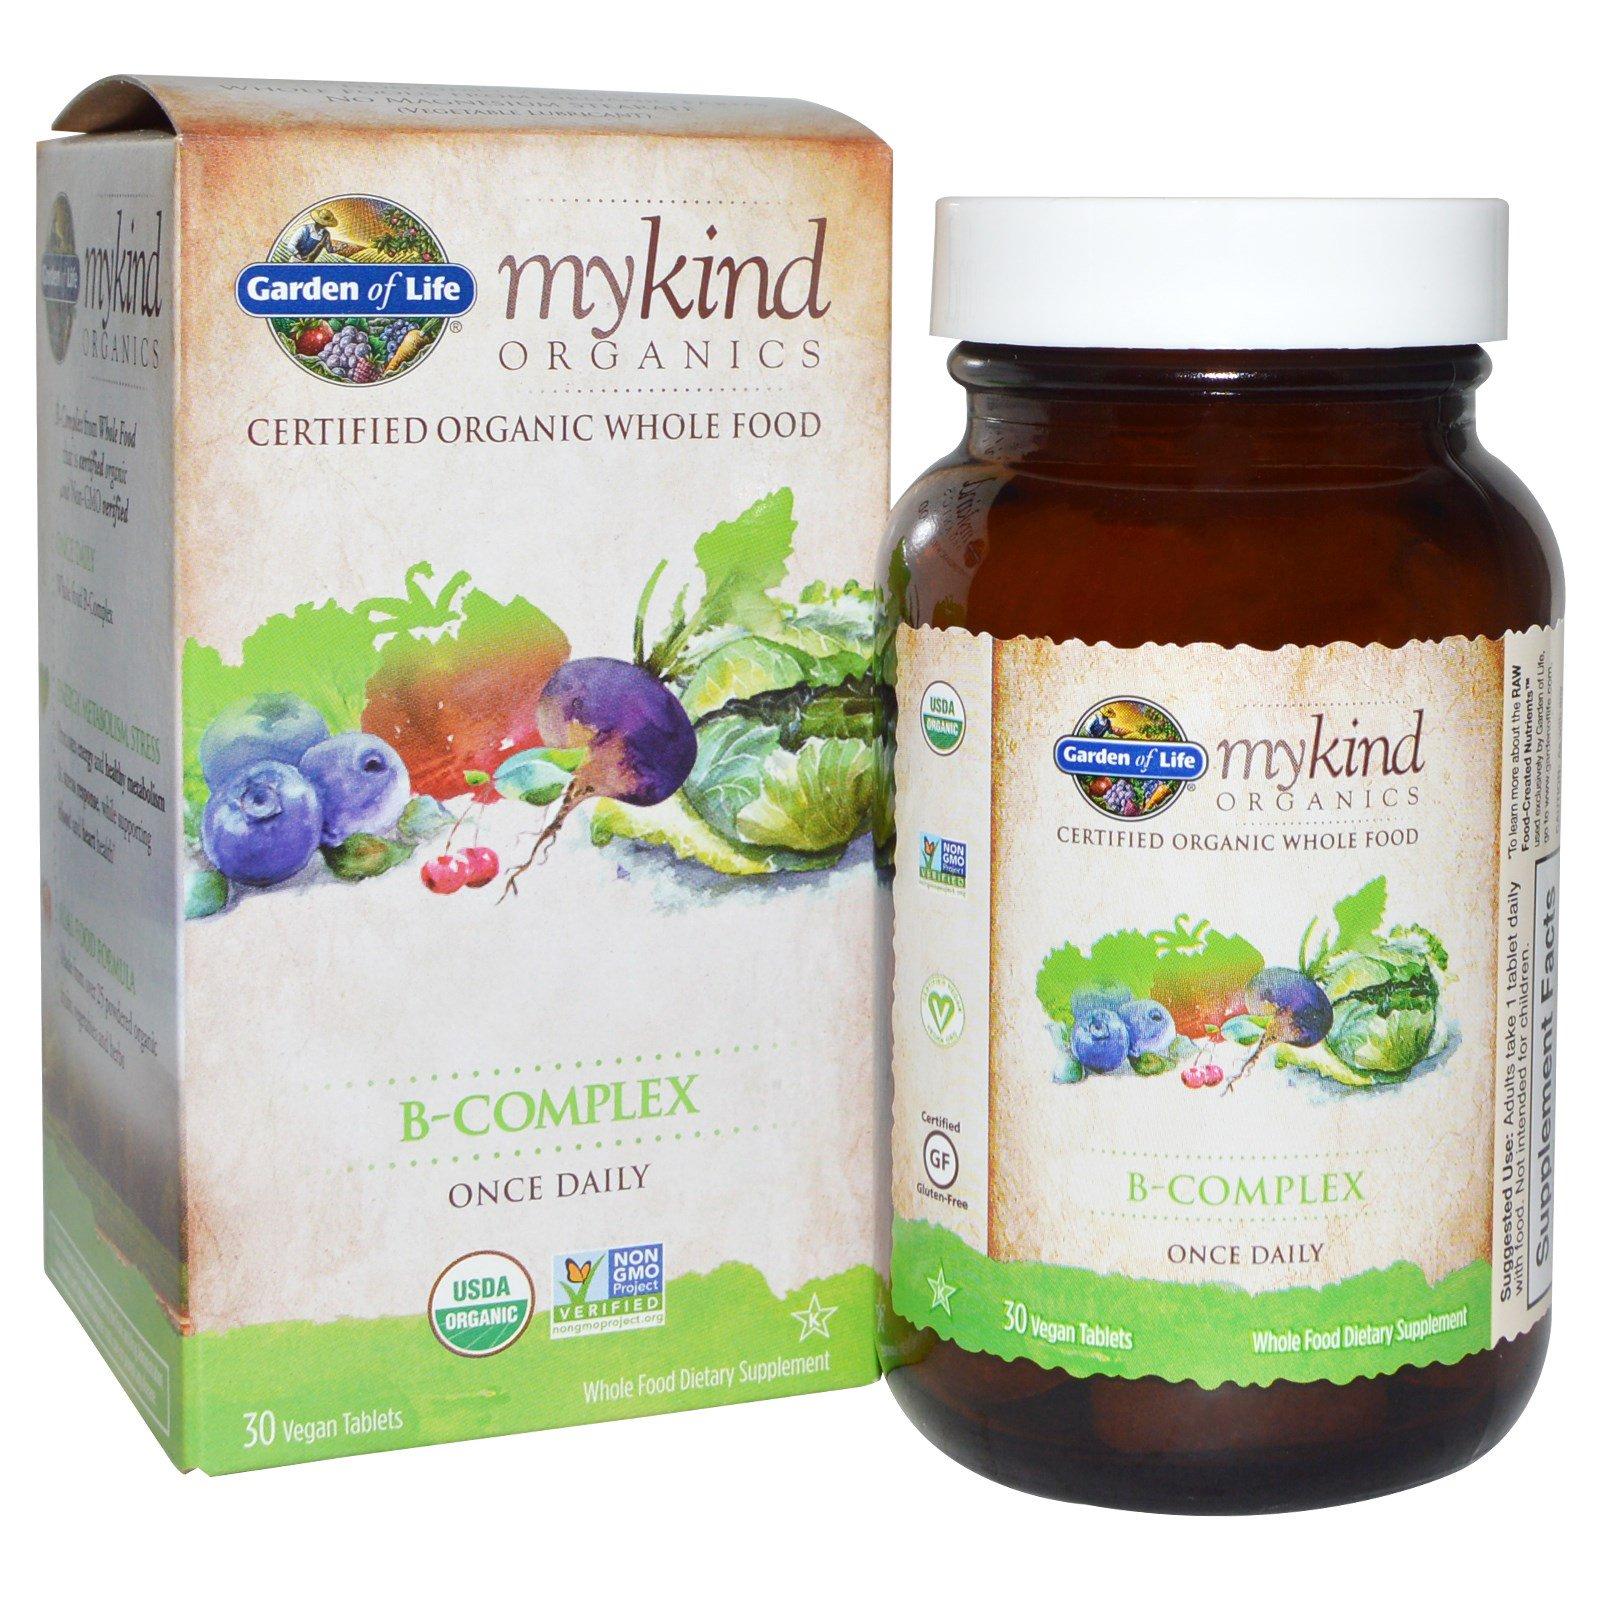 Garden of Life, mykind Organics, B-комплекс, 30 веганских таблеток